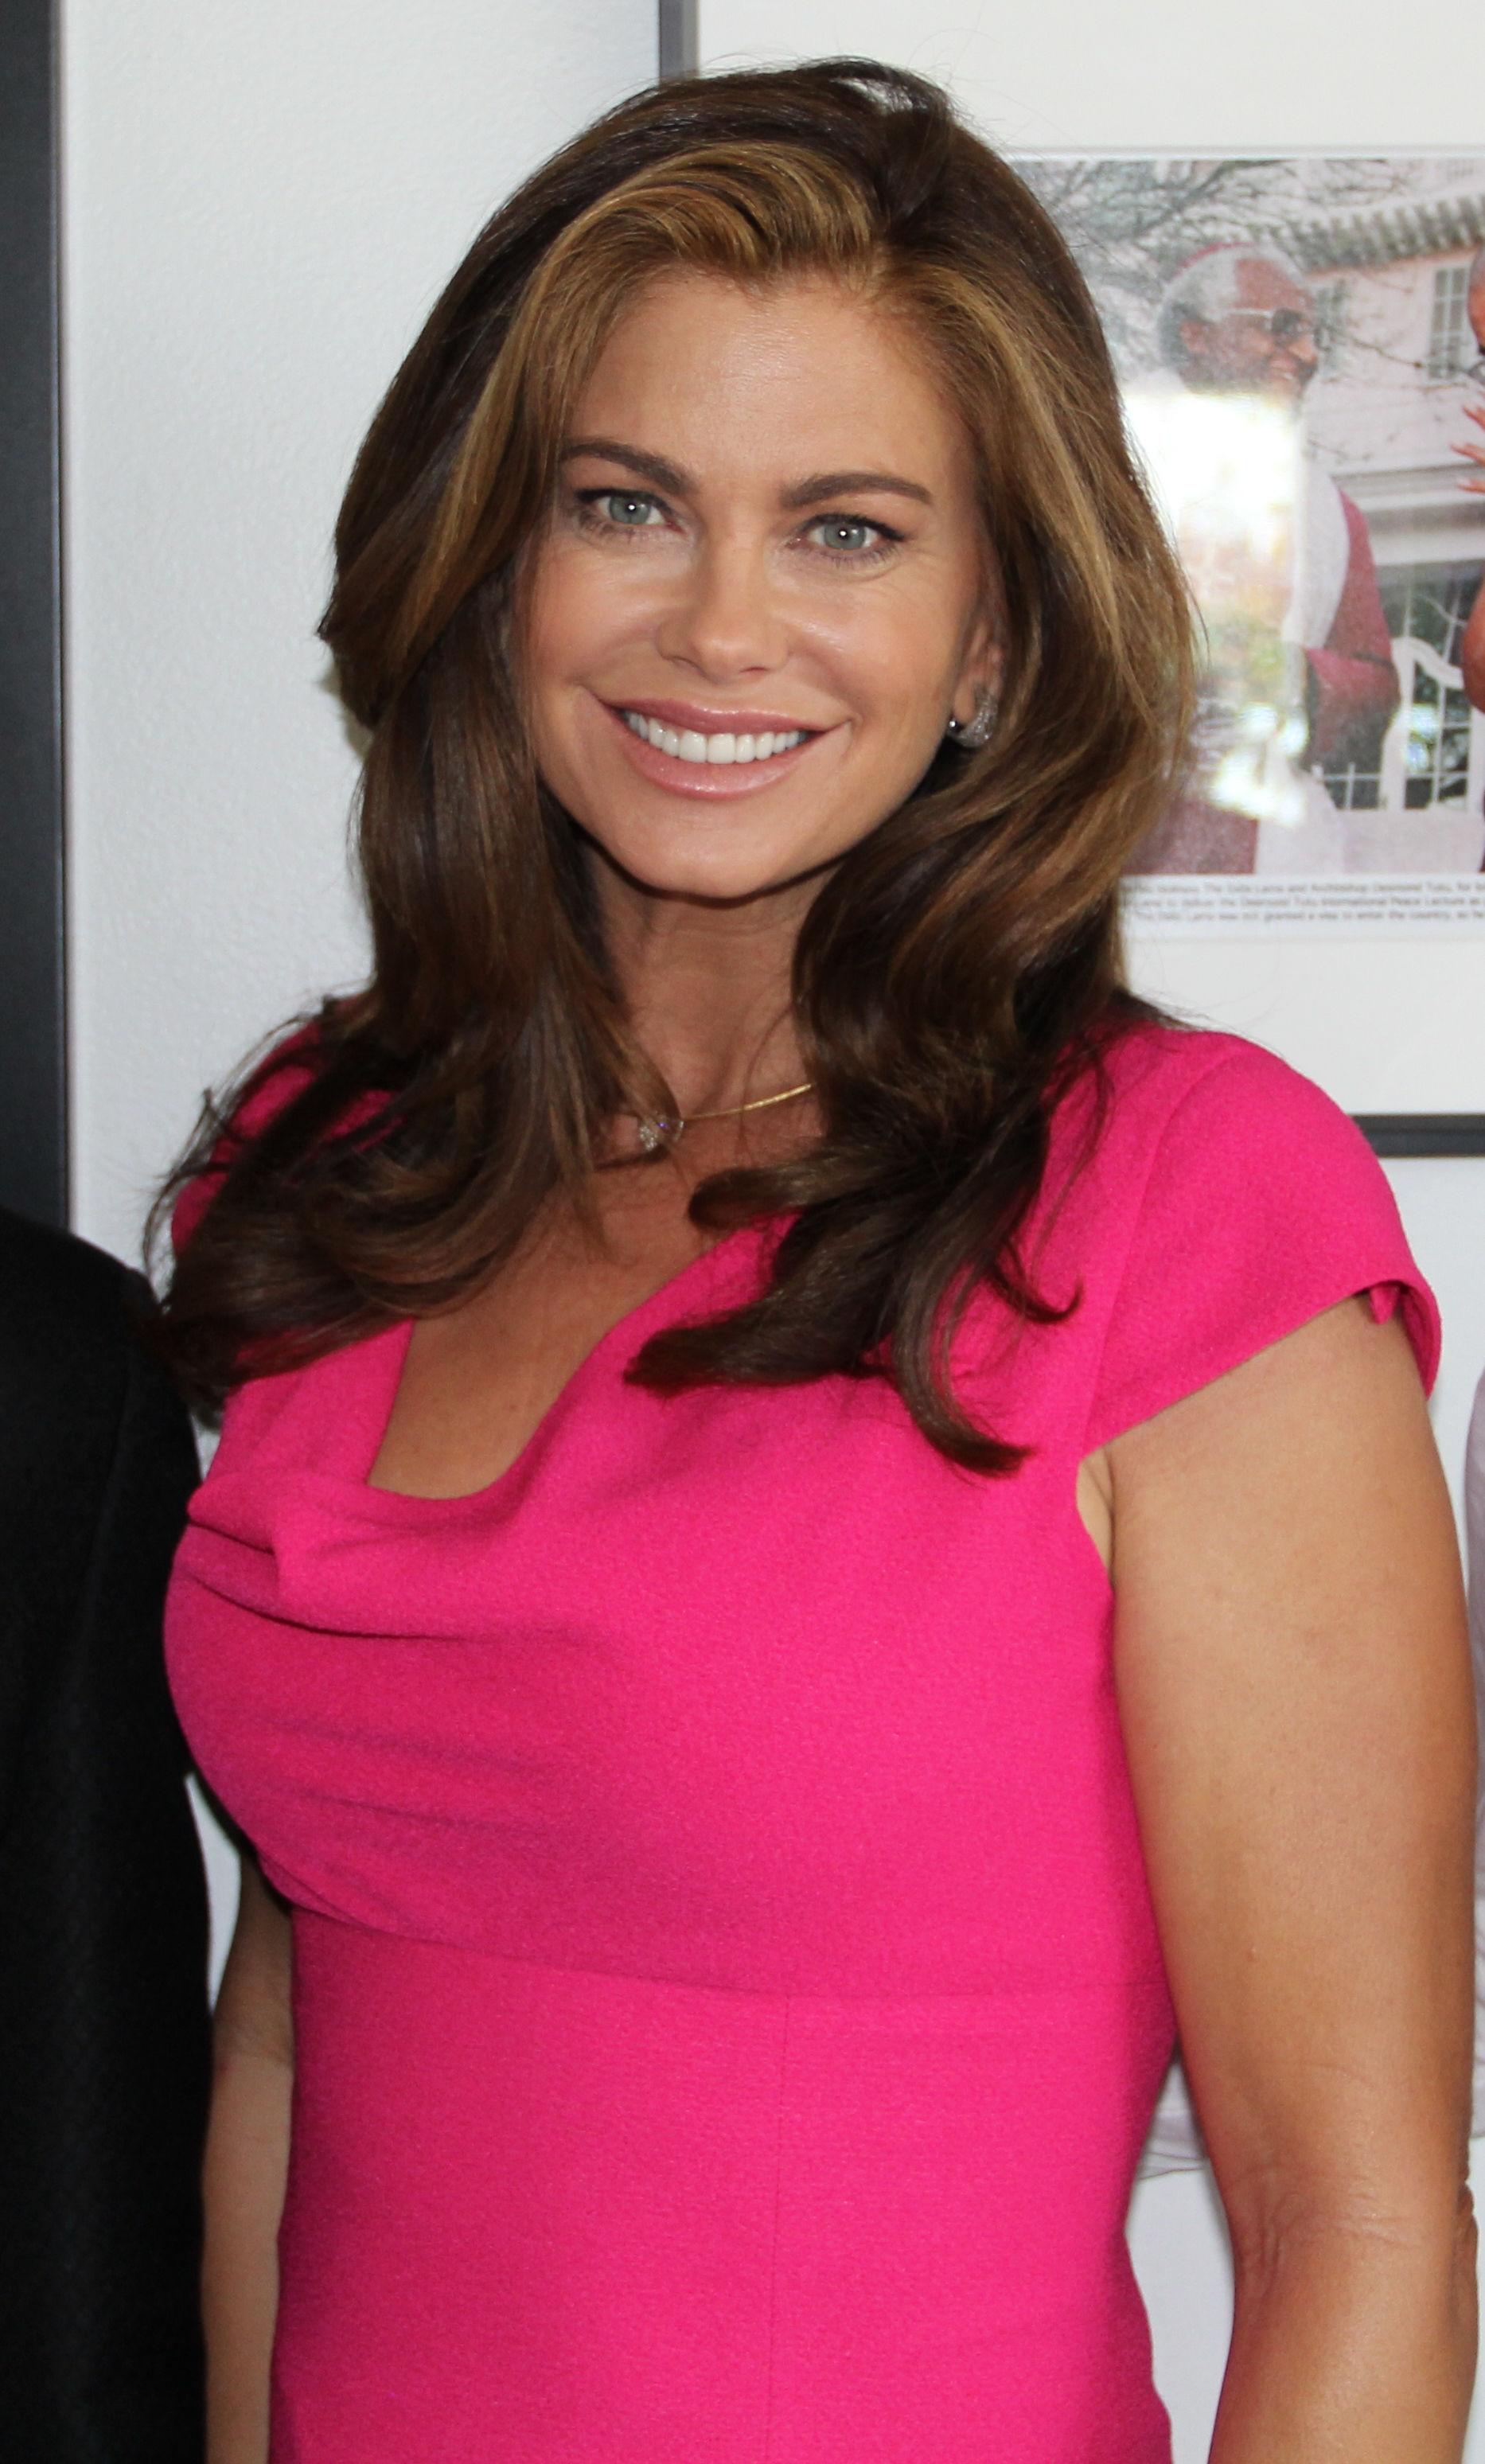 Photo of Kathy Ireland: American model